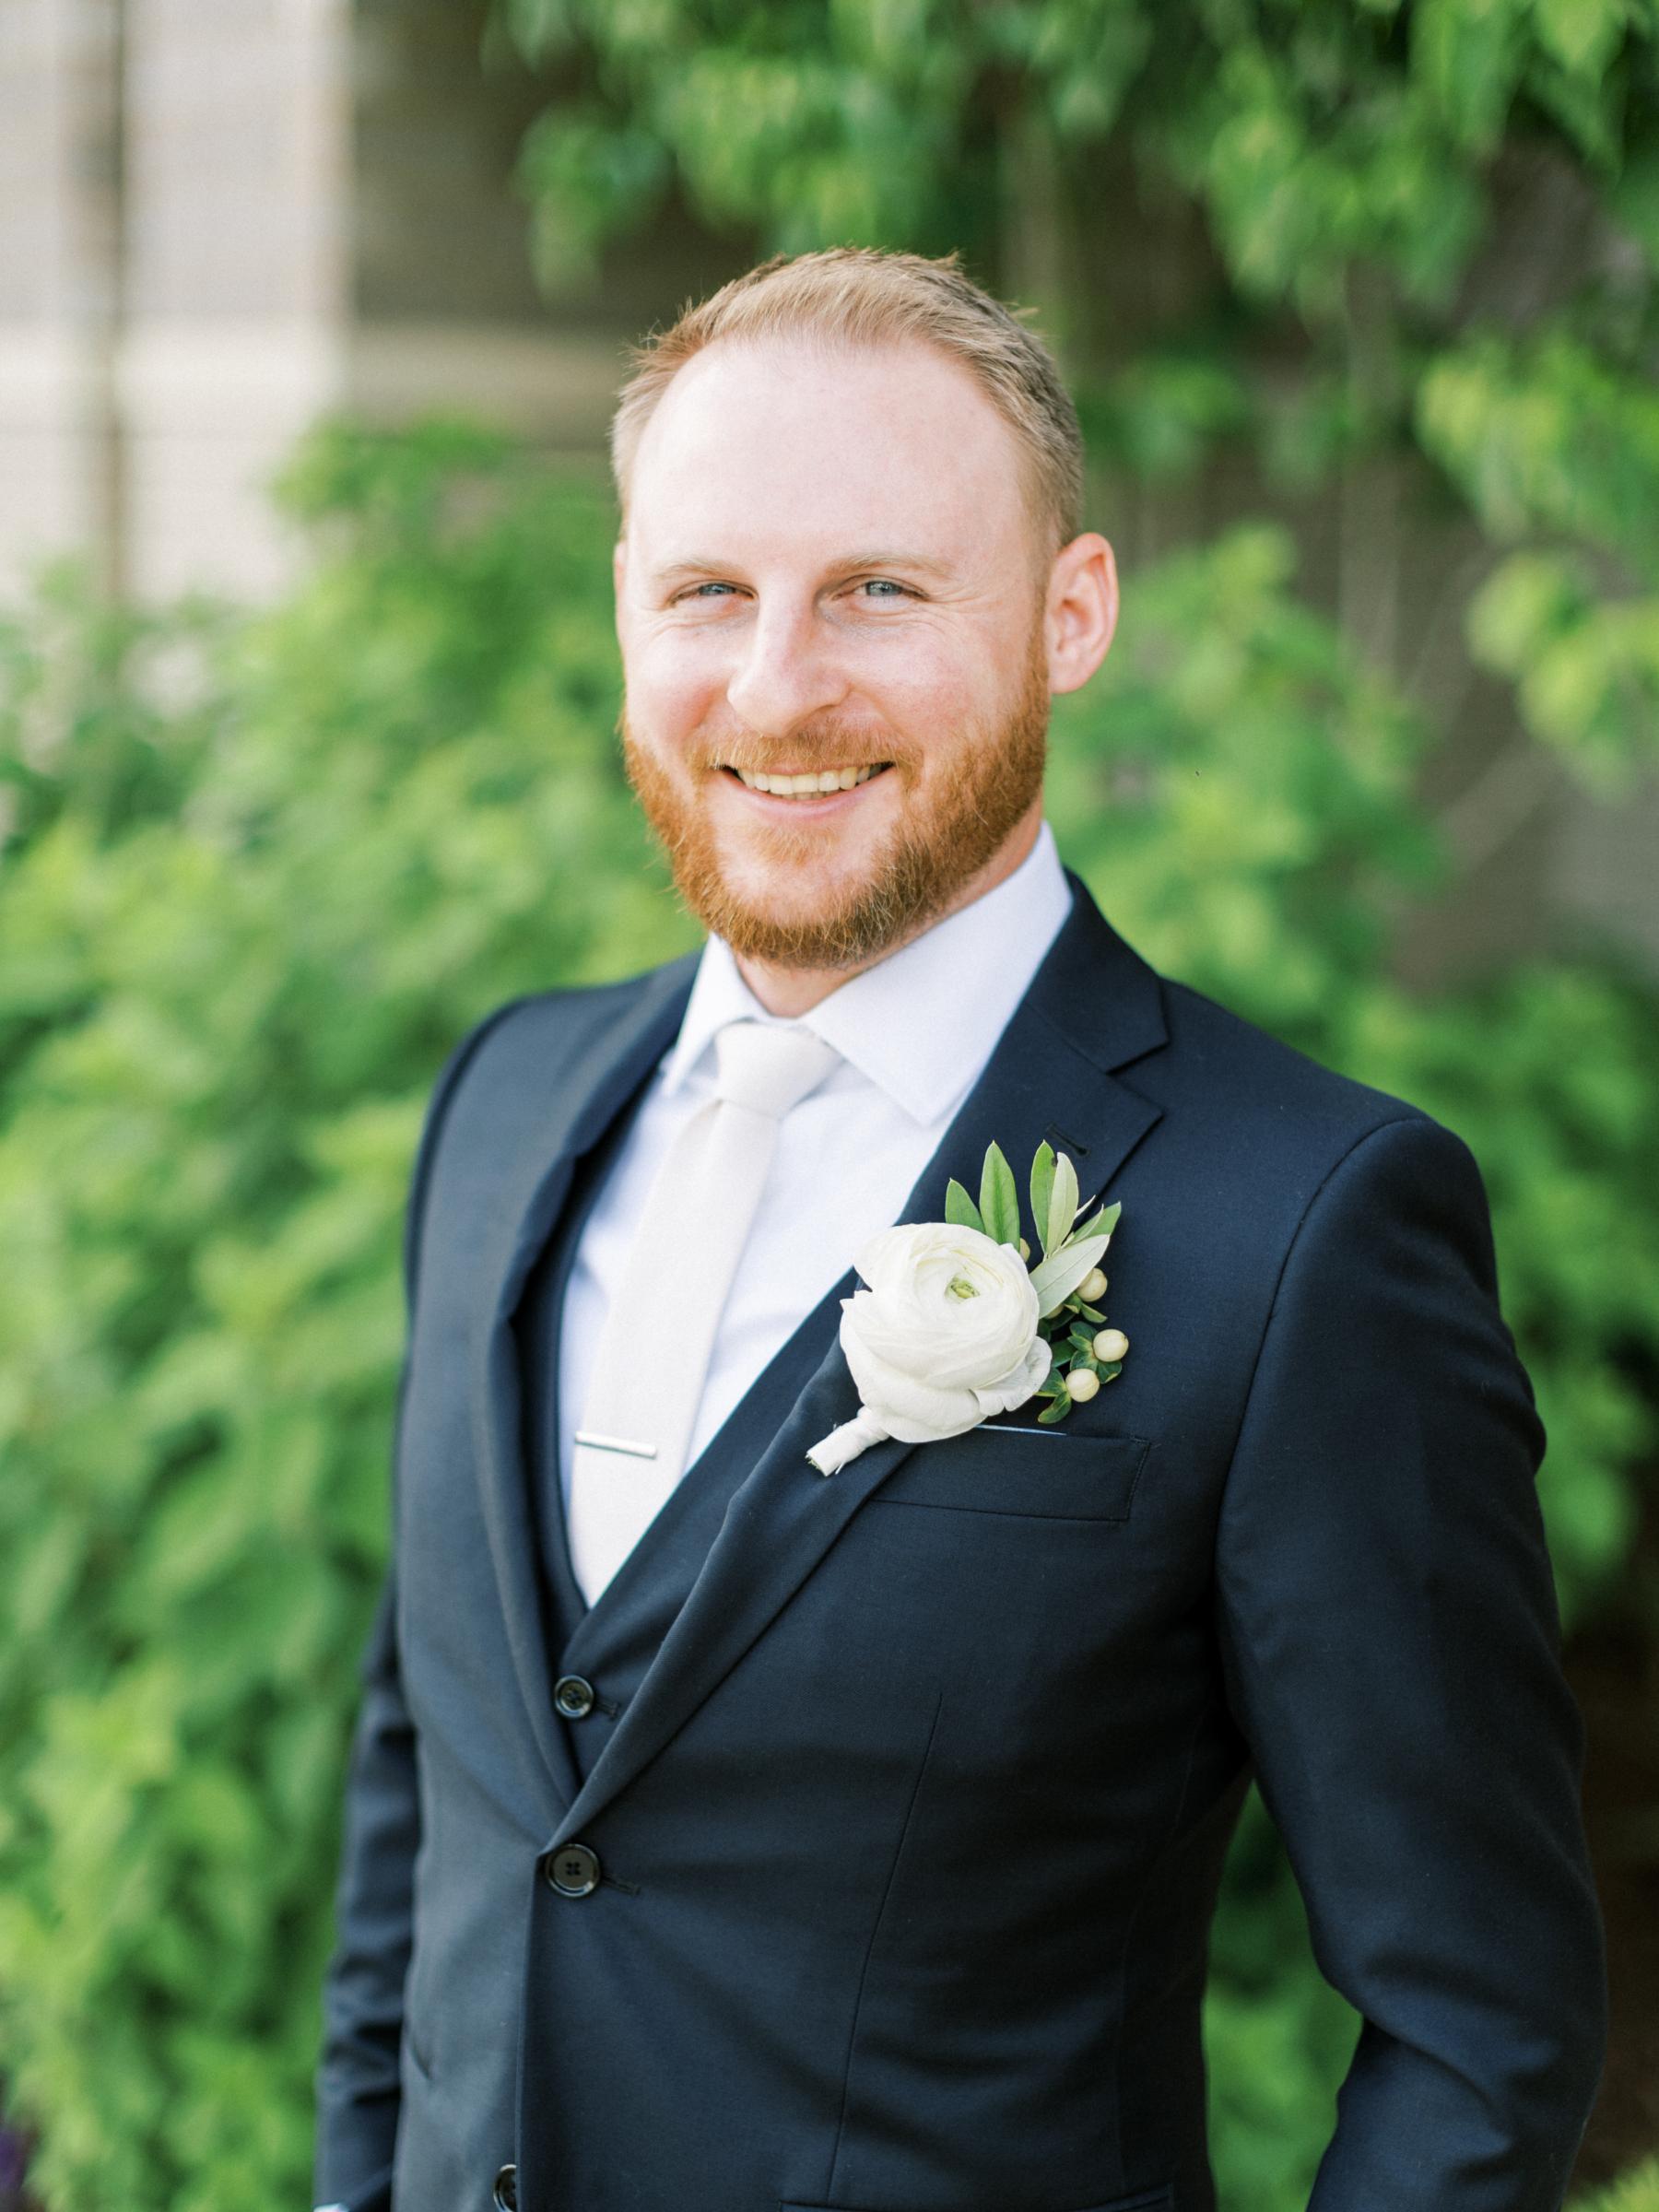 White flower wedding boutonniere